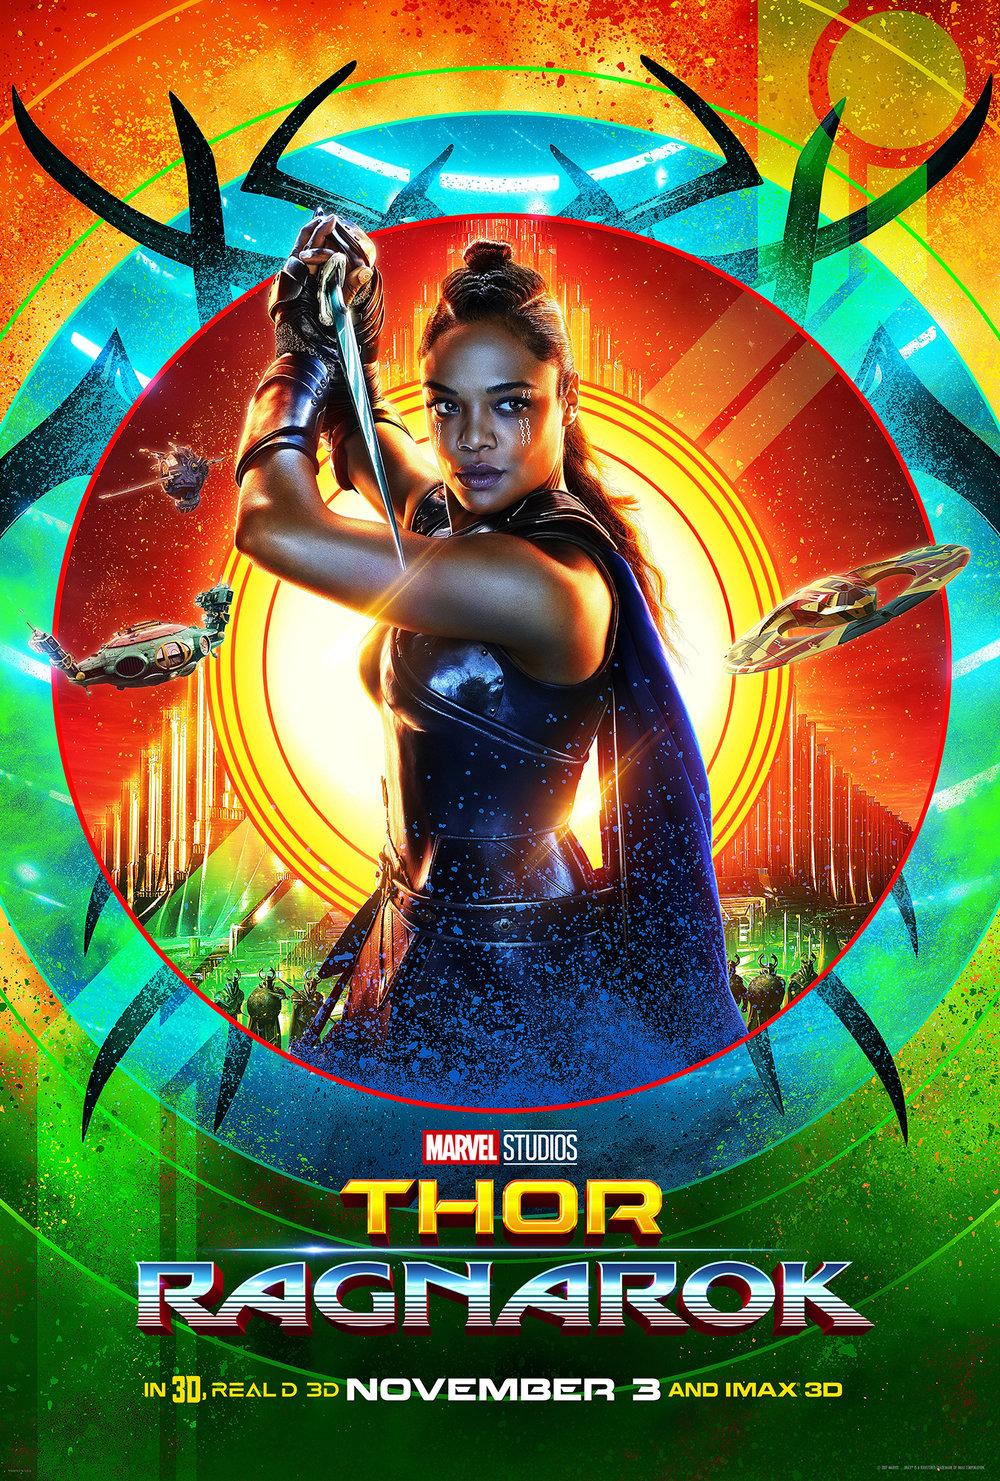 Thor_Swirl_1-Sht_Valkyrie v1.jpg